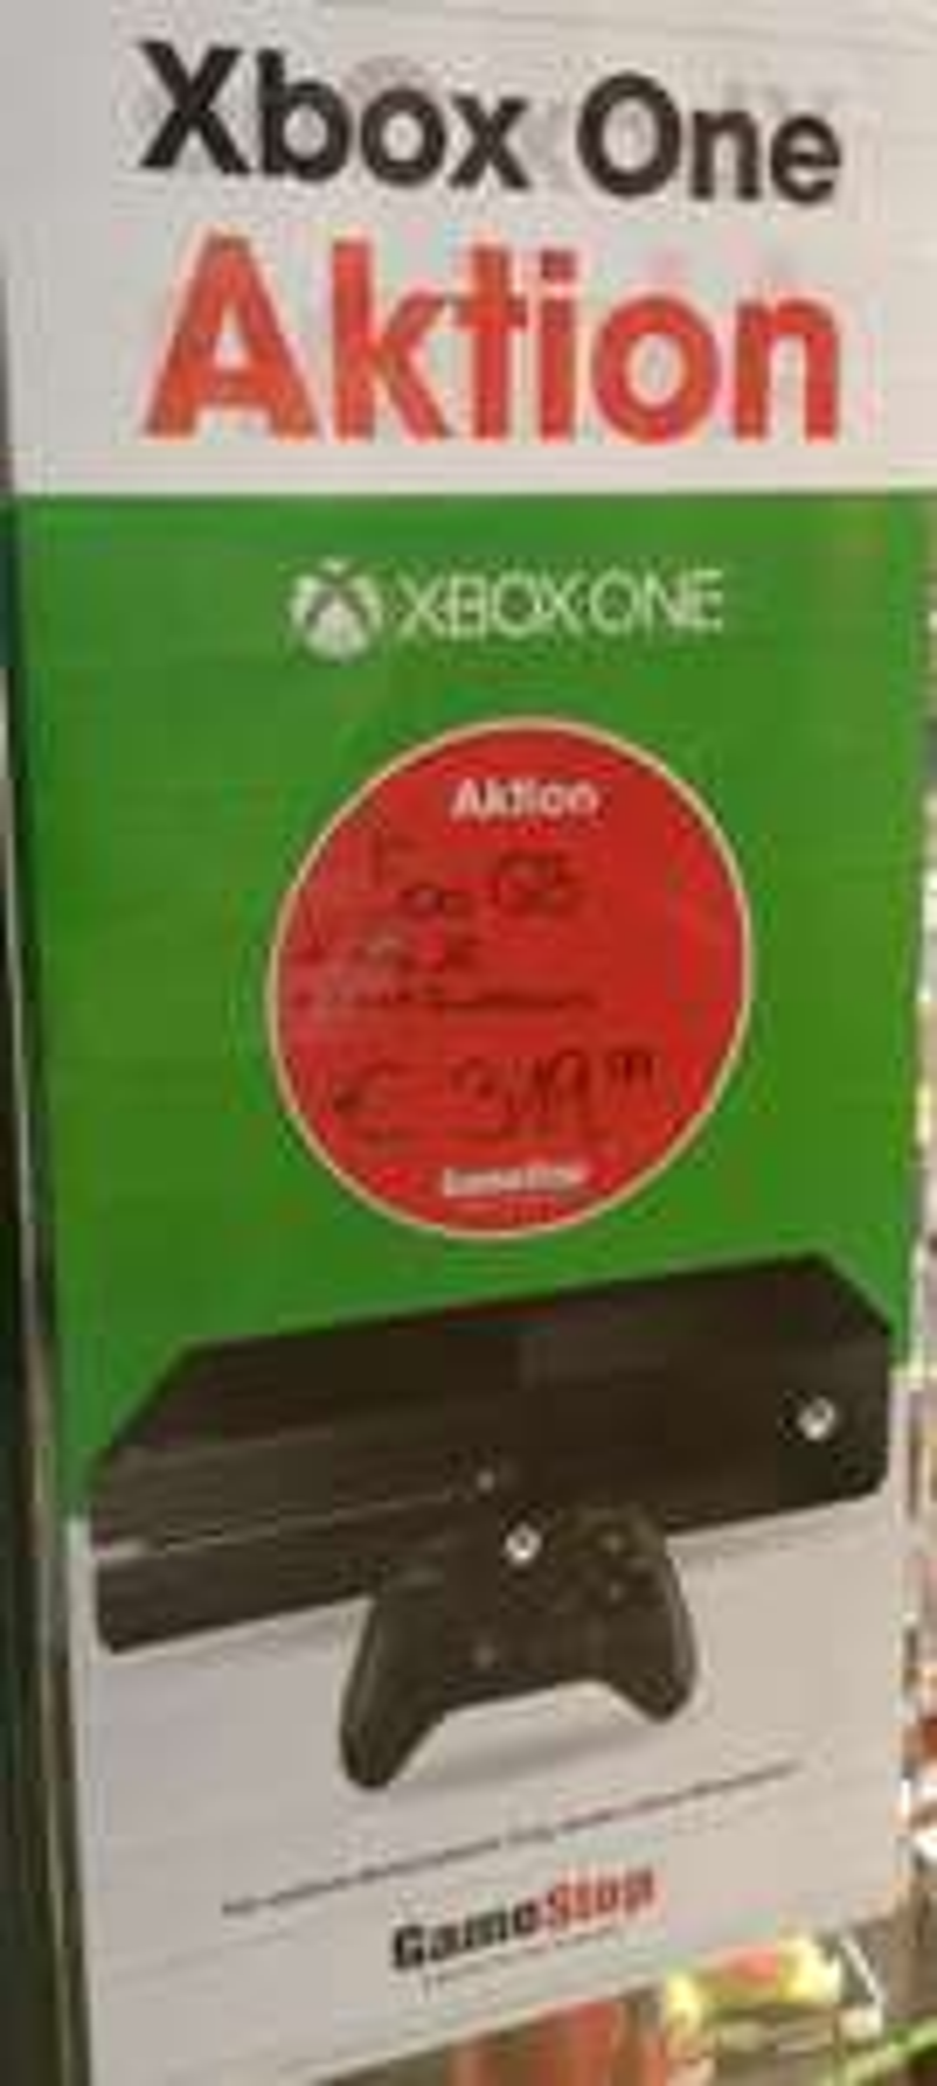 Xbox One Bundle GameStop Offline 319.99,-